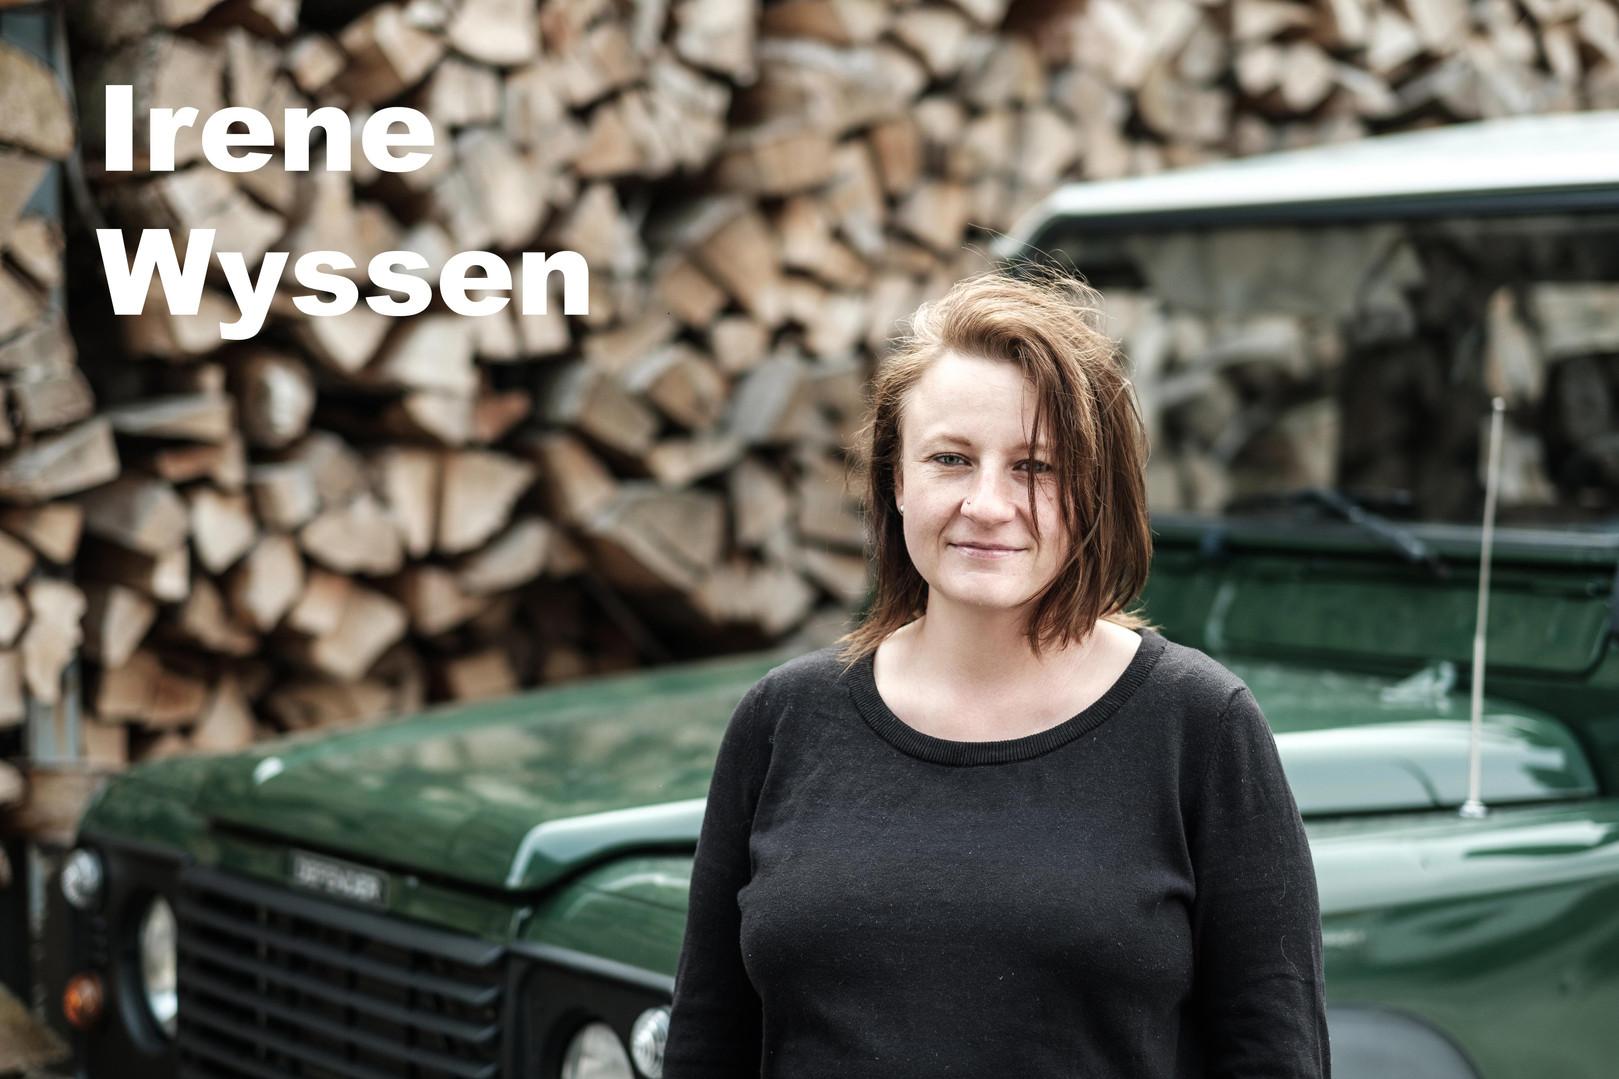 irene-wyssen.jpg